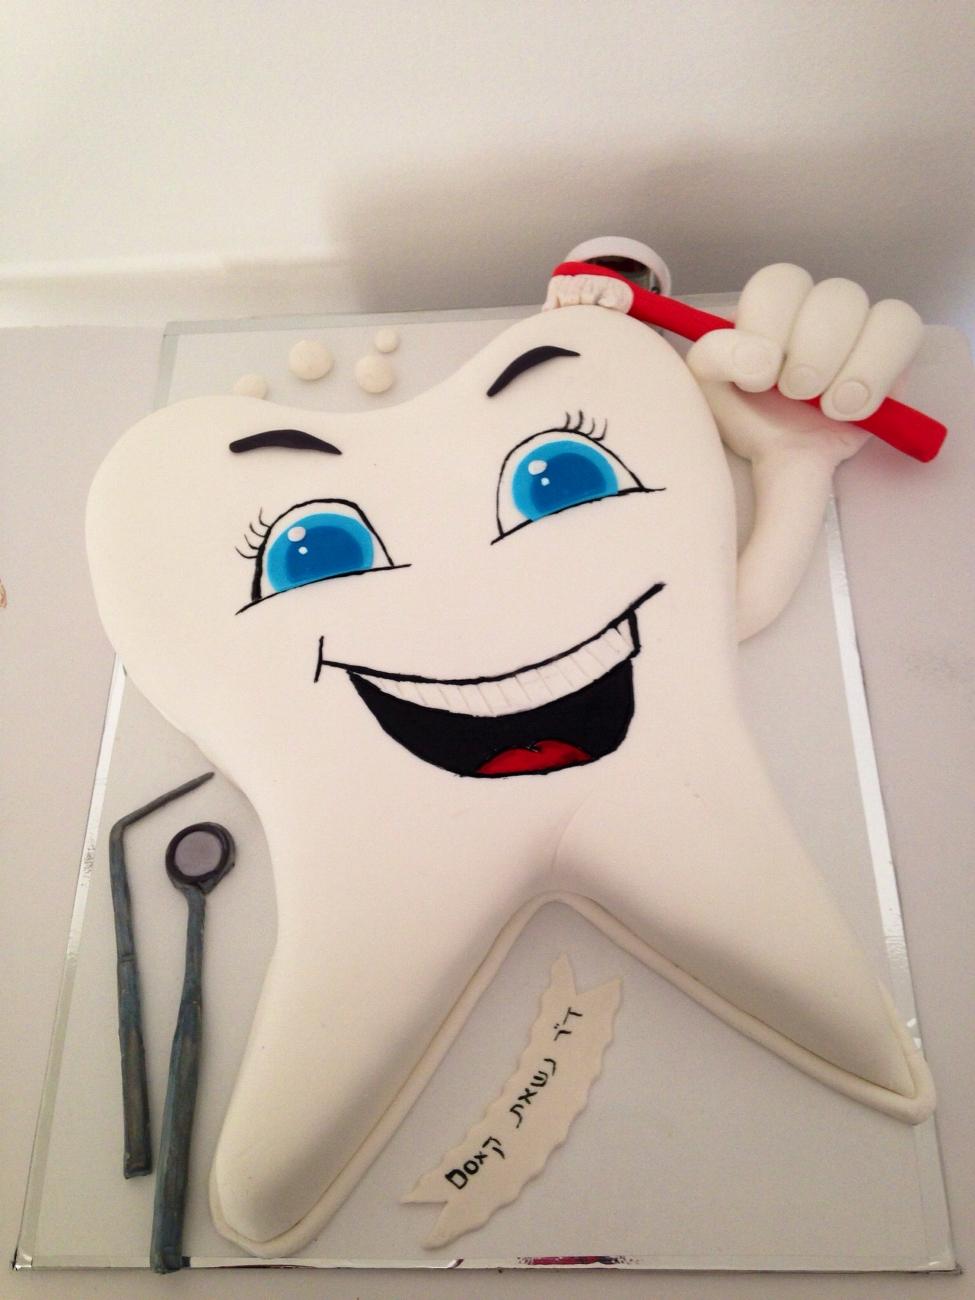 День зубного техника картинки для поздравления